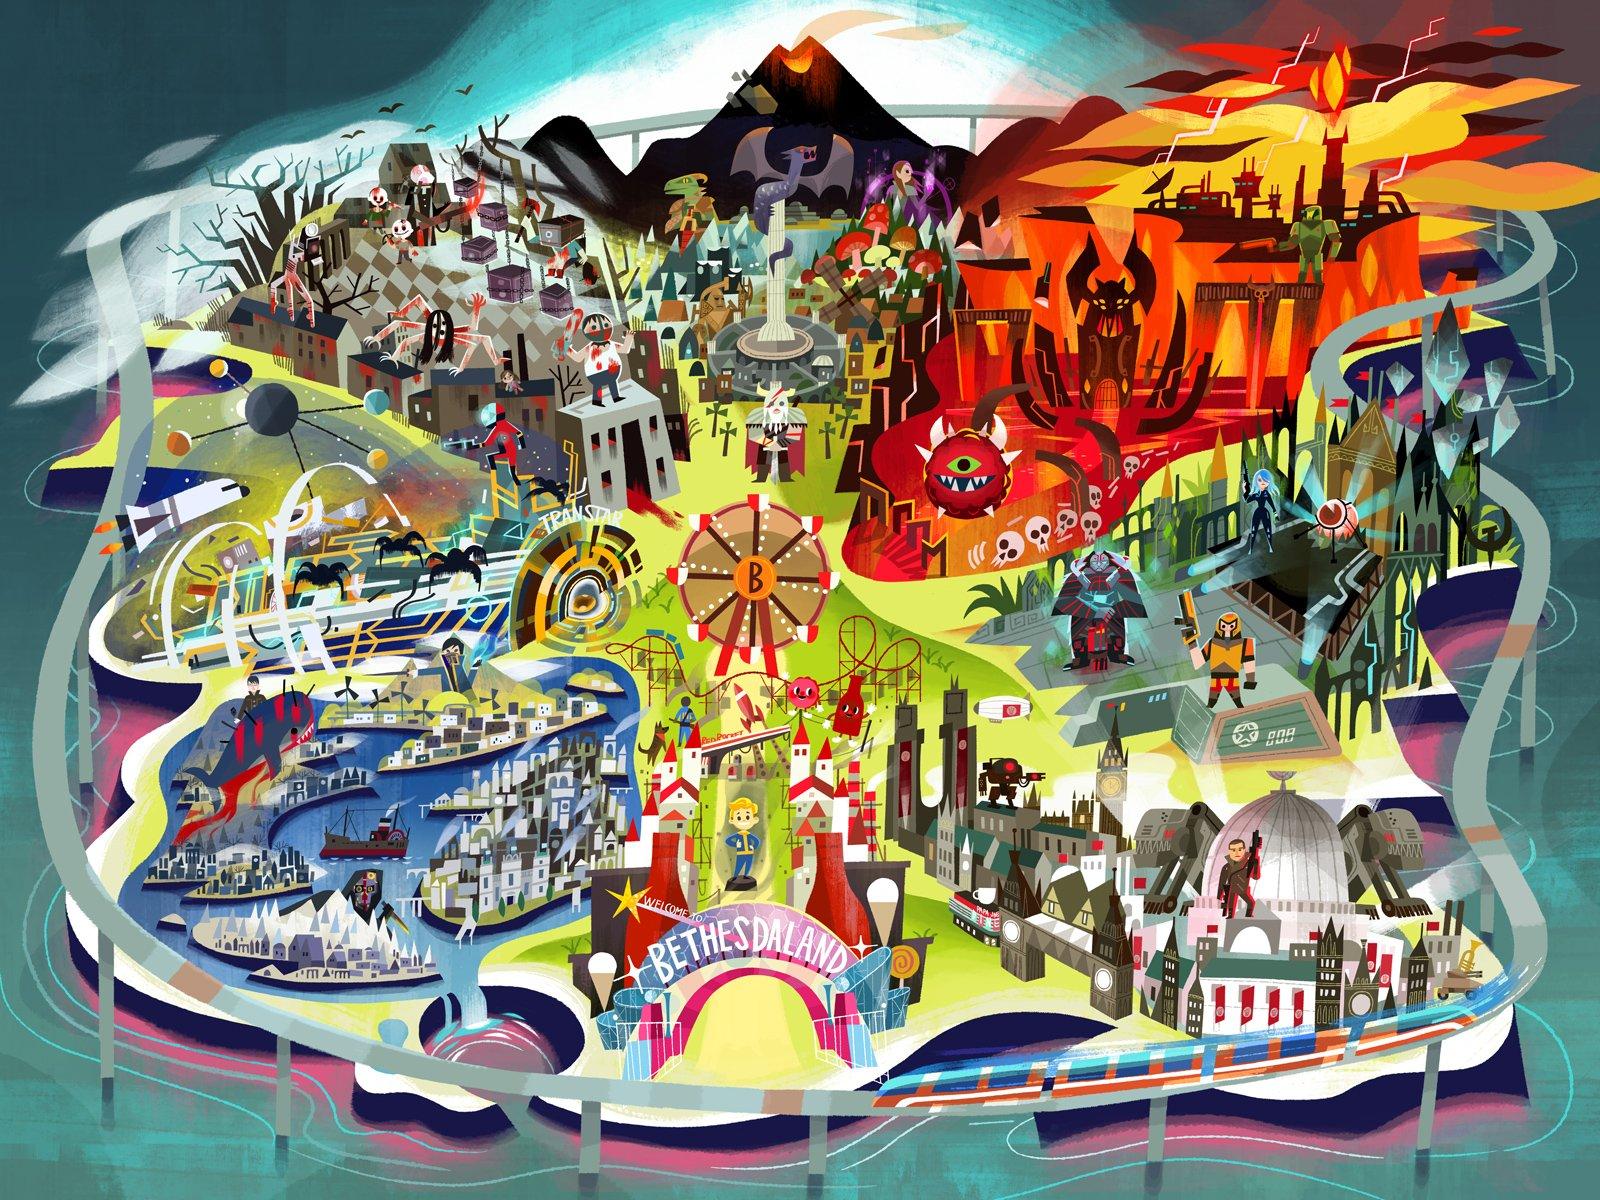 Les créations autour du jeu vidéo - Page 10 DYp69jLXkAAIYq0